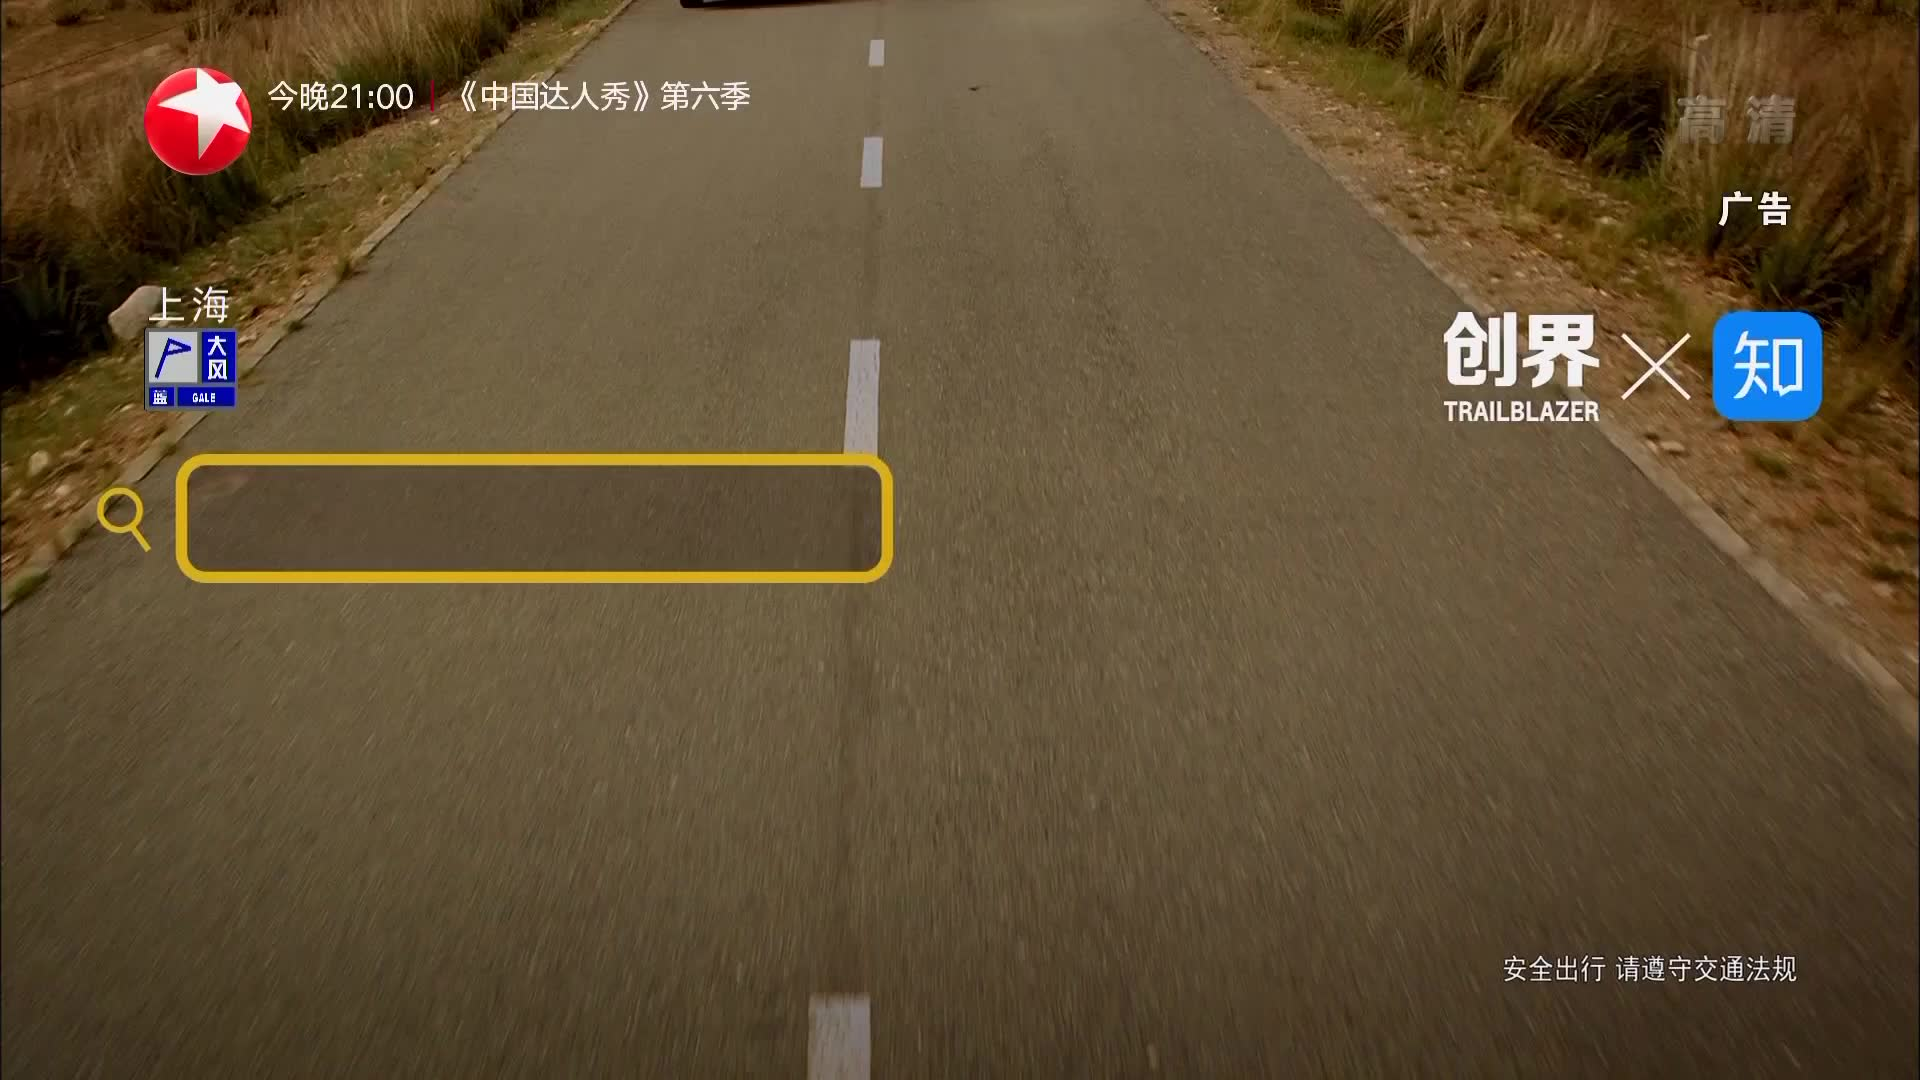 央视广告欣赏-雪佛兰创界RS-3